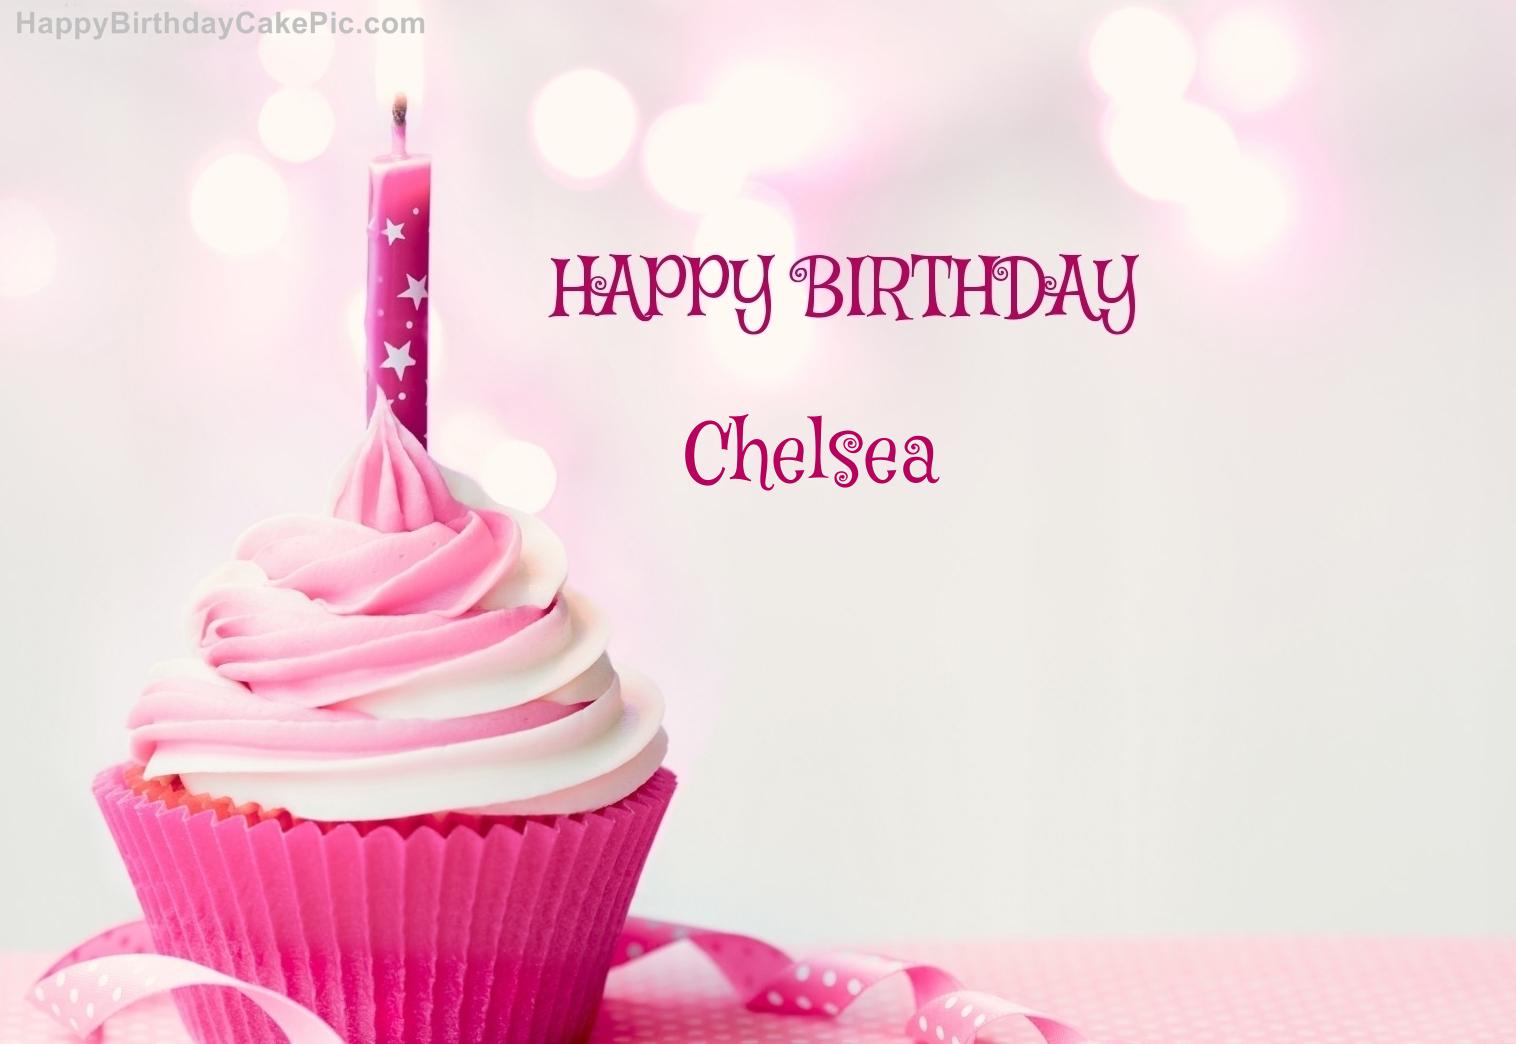 Happy Birthday Chelsea Birthday Cake